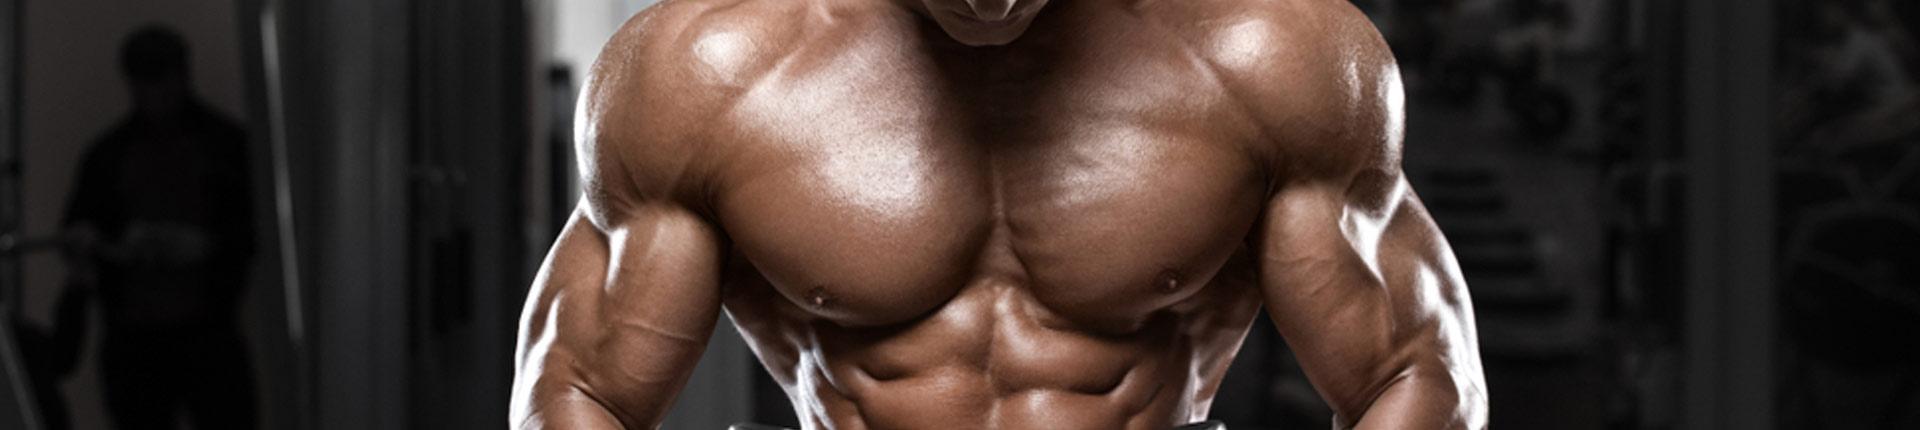 Jak przyspieszyć budowanie mięśni? Niedoceniane czynniki i dodatki